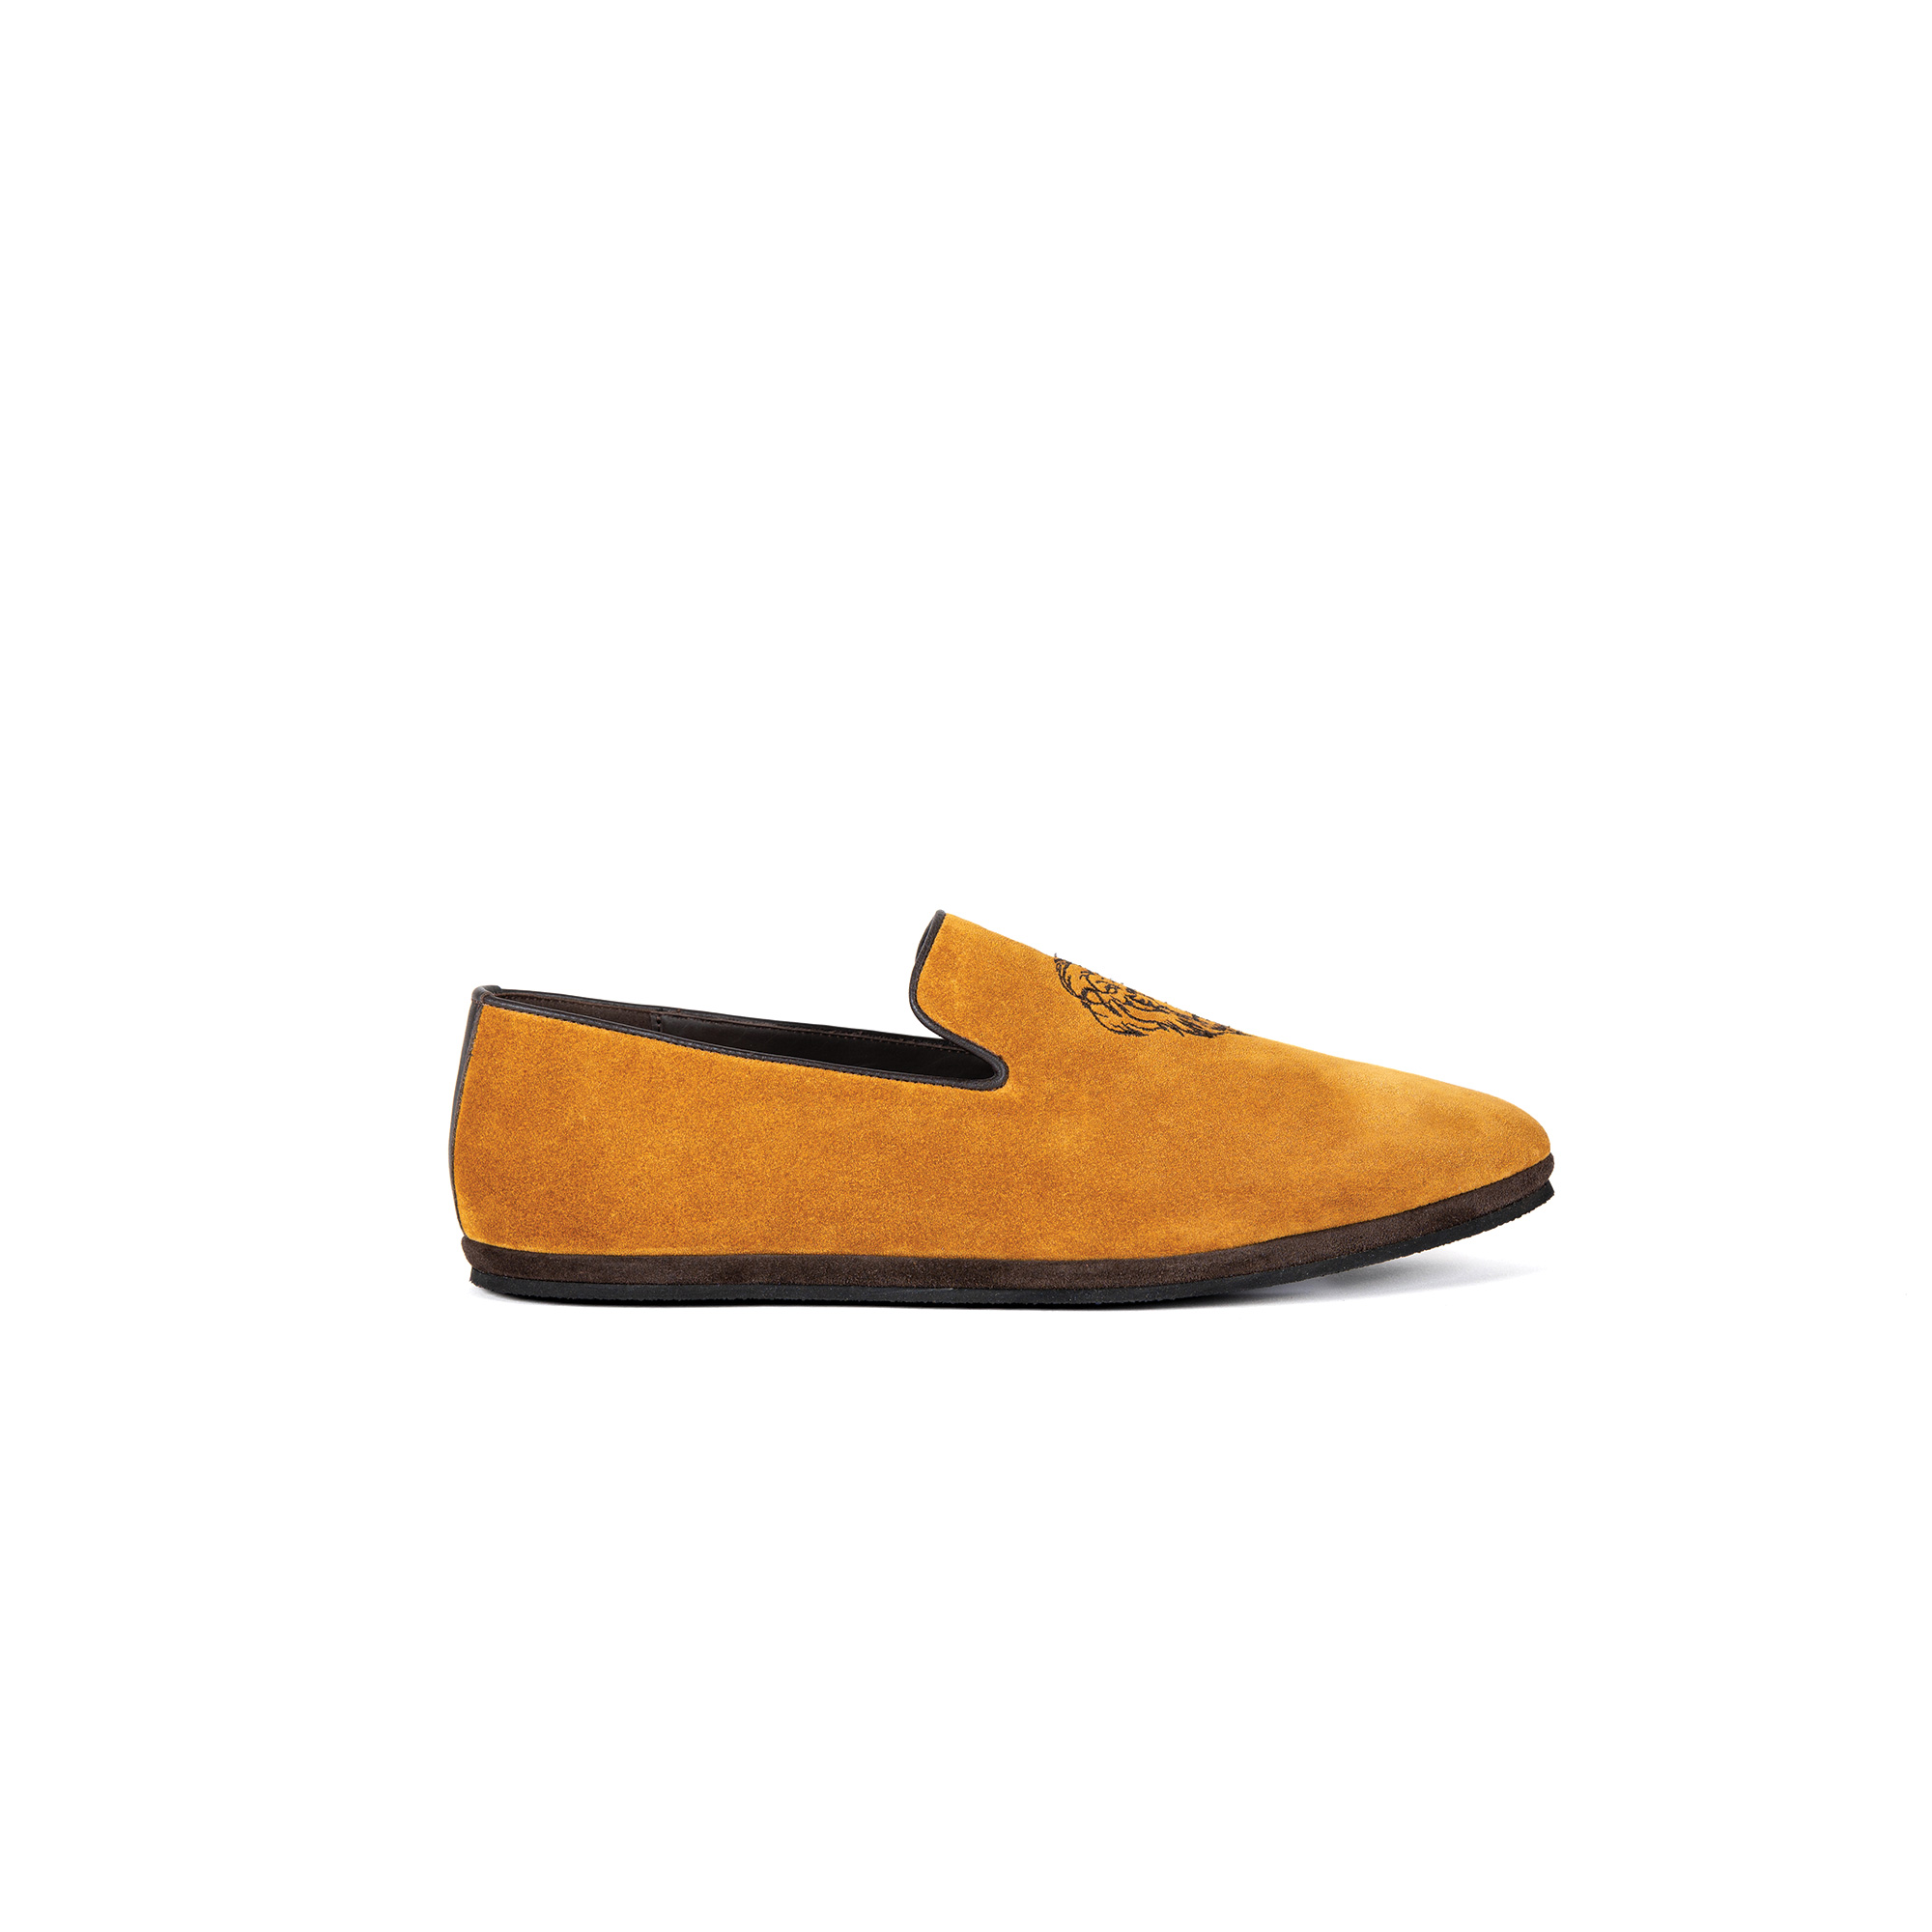 Indoor classic slipper in saffron velour - Farfalla italian slippers